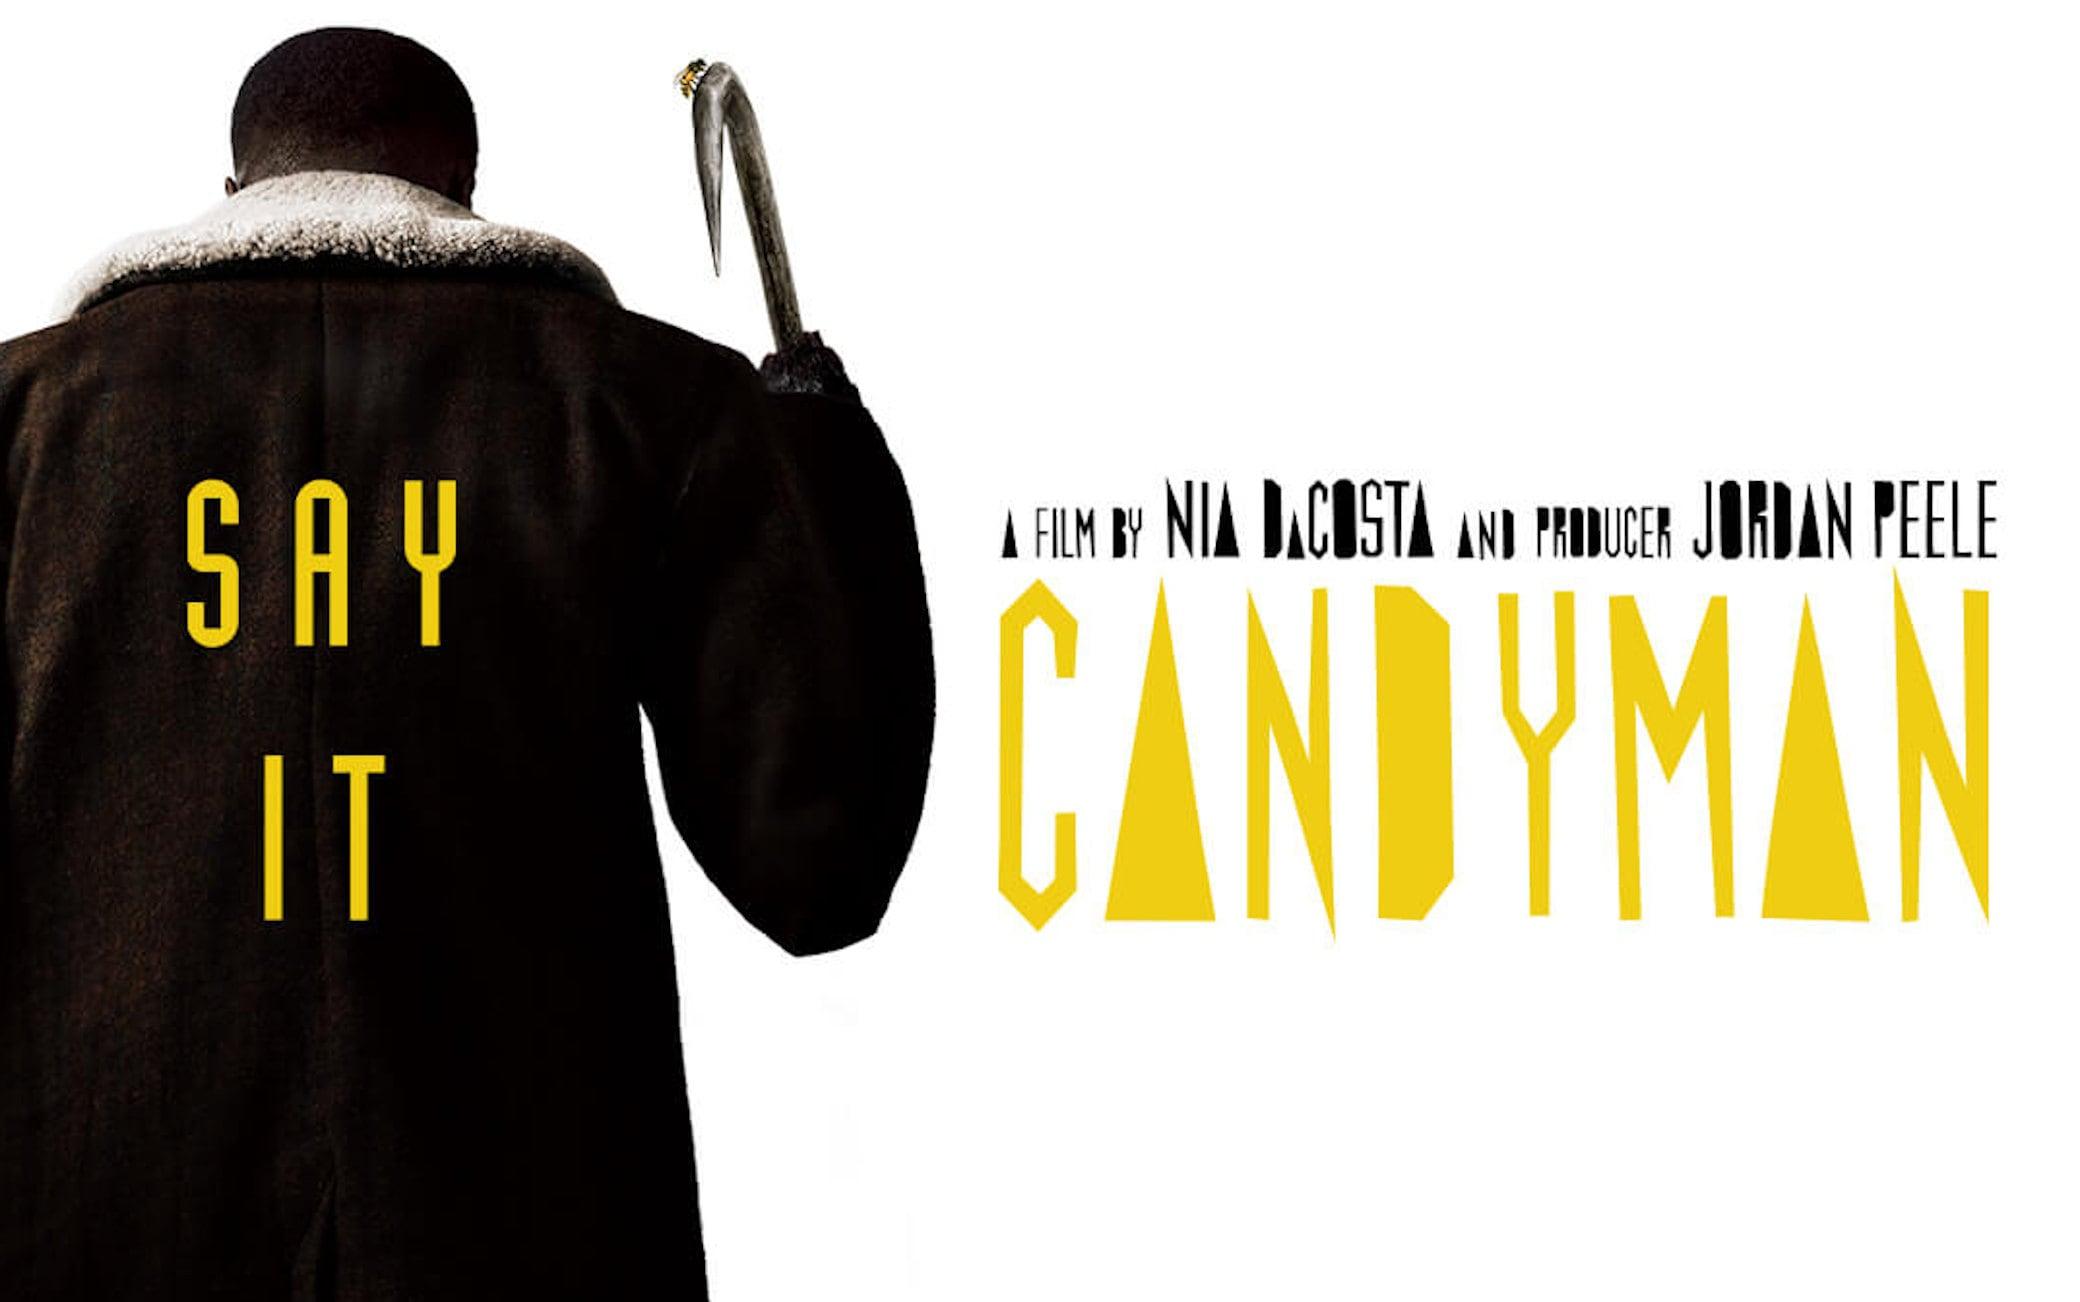 Candyman, per vedere il trailer bisogna pronunciare il suo nome 5 volte